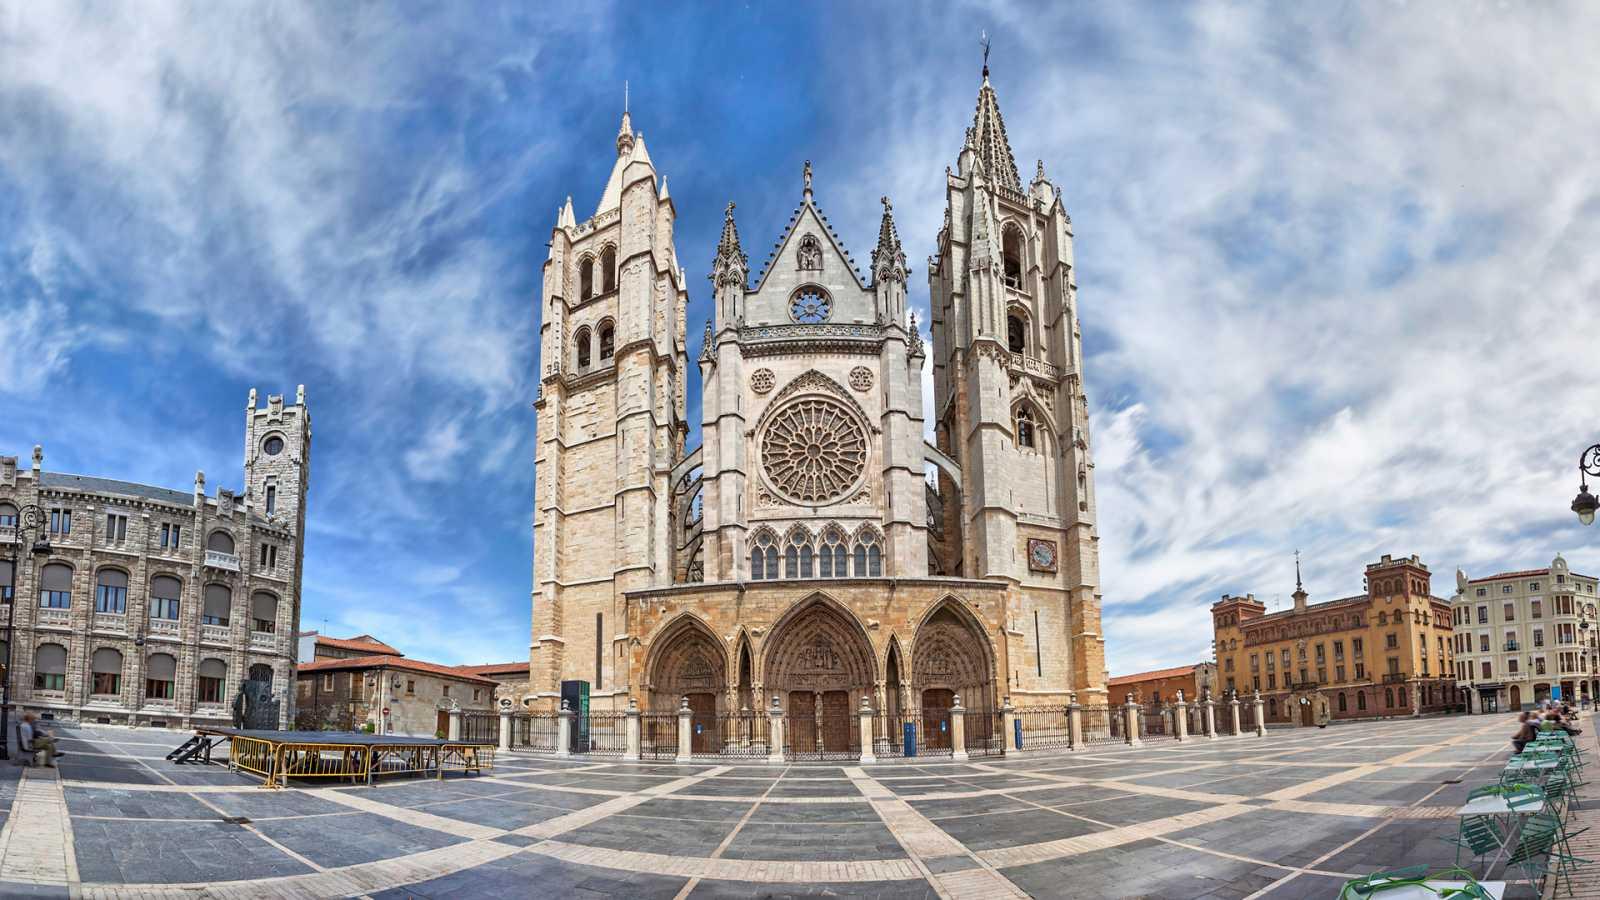 En clave Turismo - León, un destino imprescindible y único en España - 19/10/20 - escuchar ahora